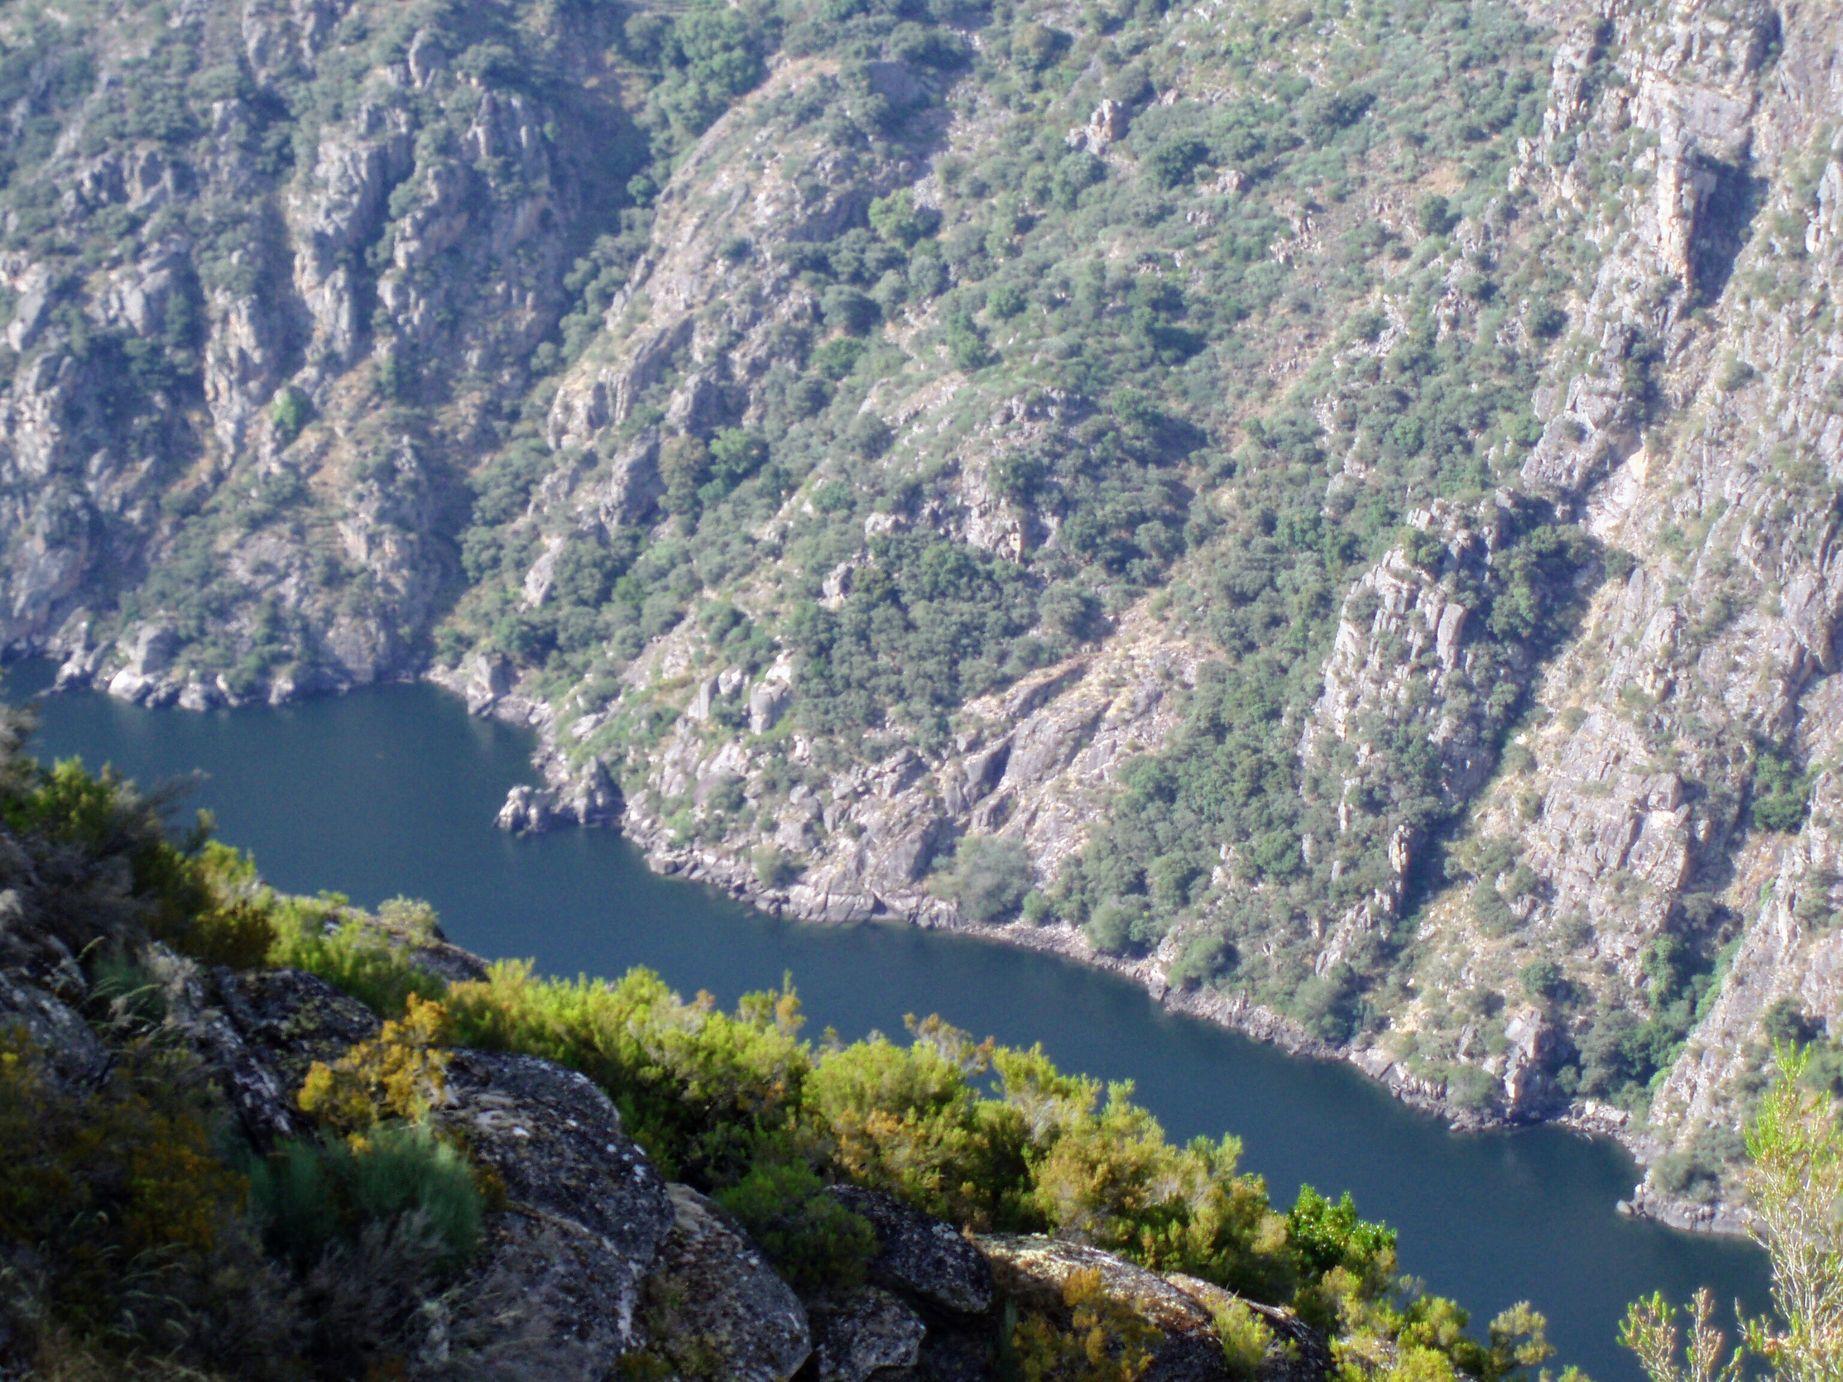 Río Sil visto desde lo alto